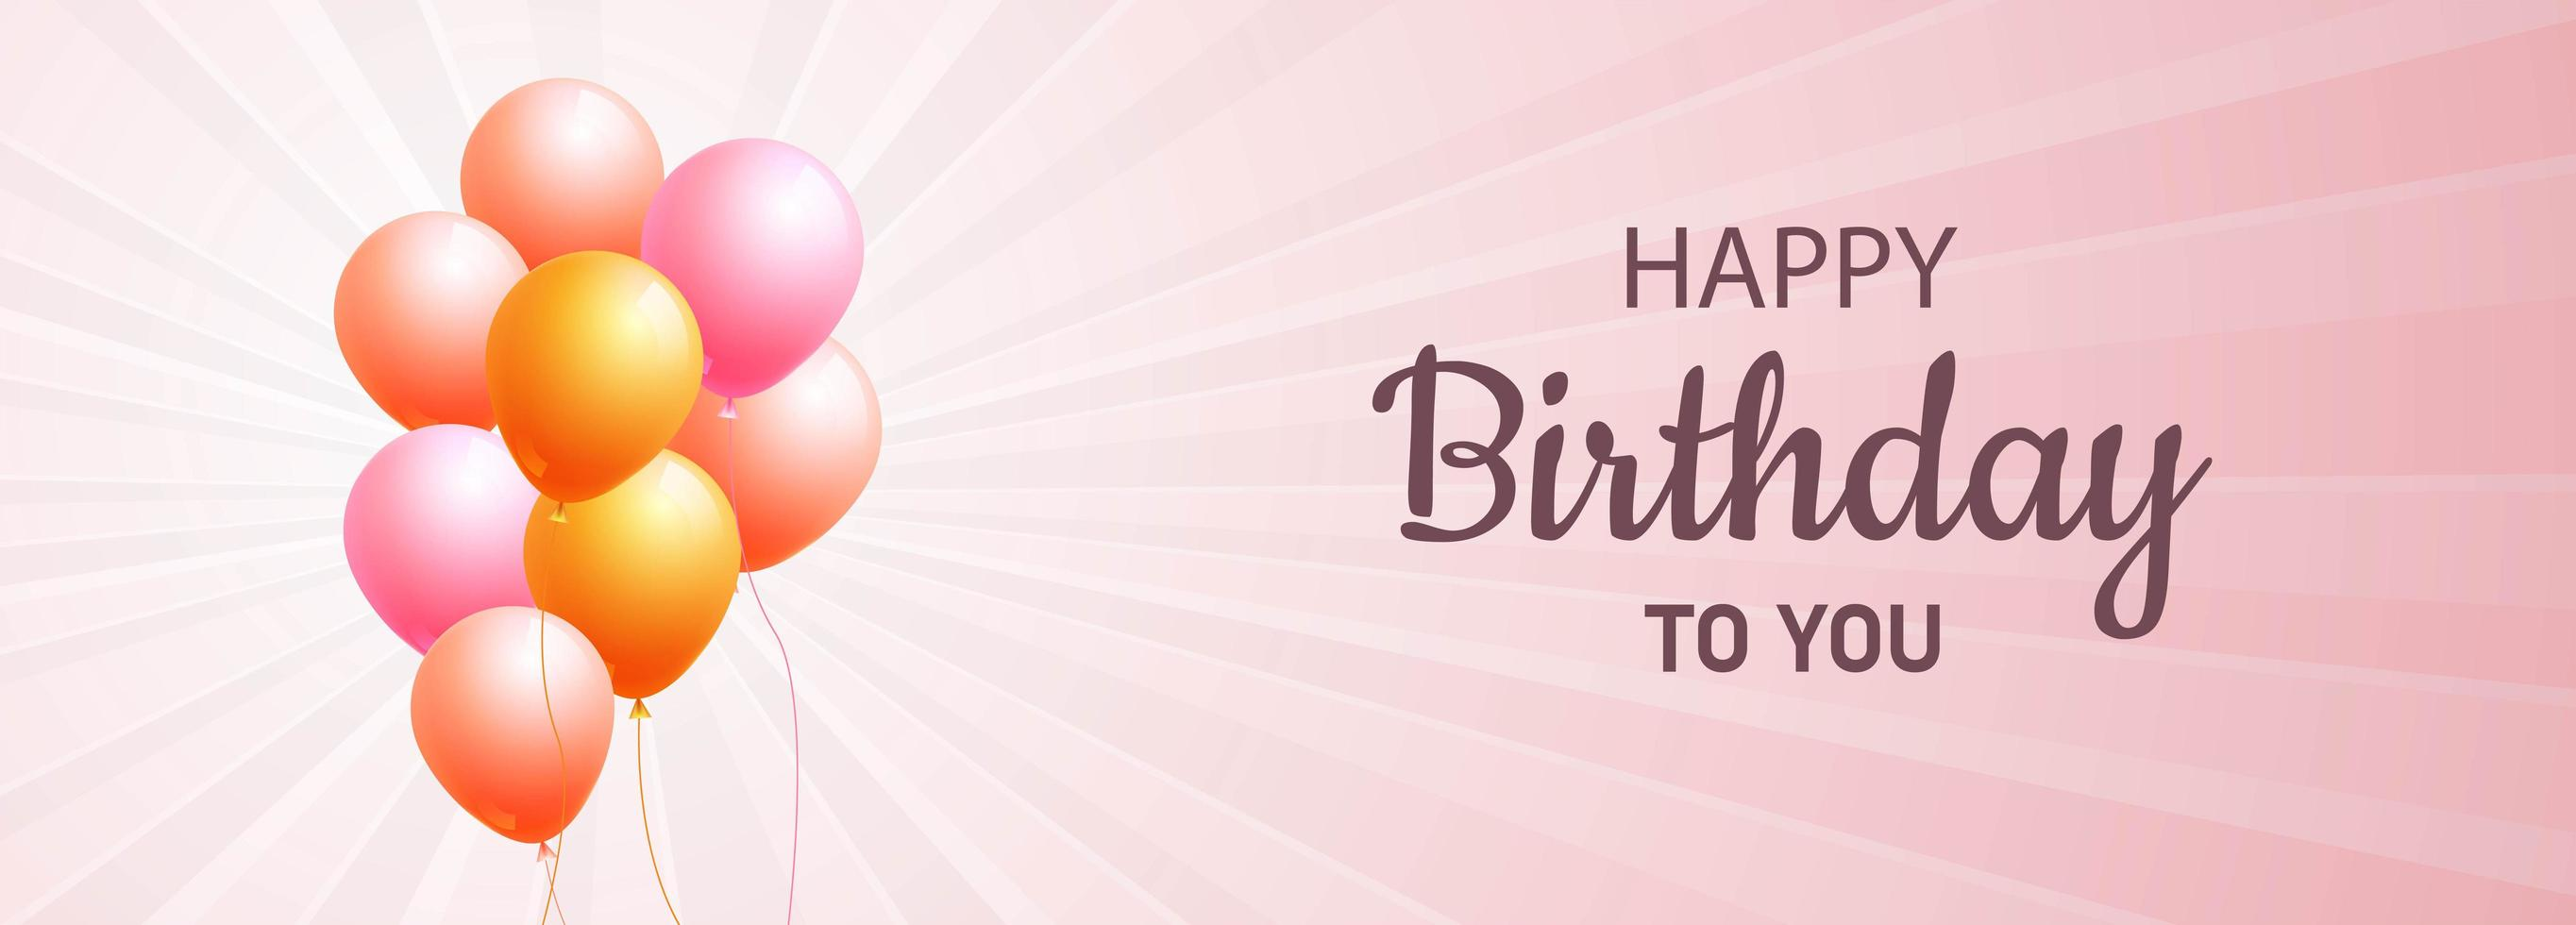 roze en oranje ballonnen gelukkige verjaardag banner vector